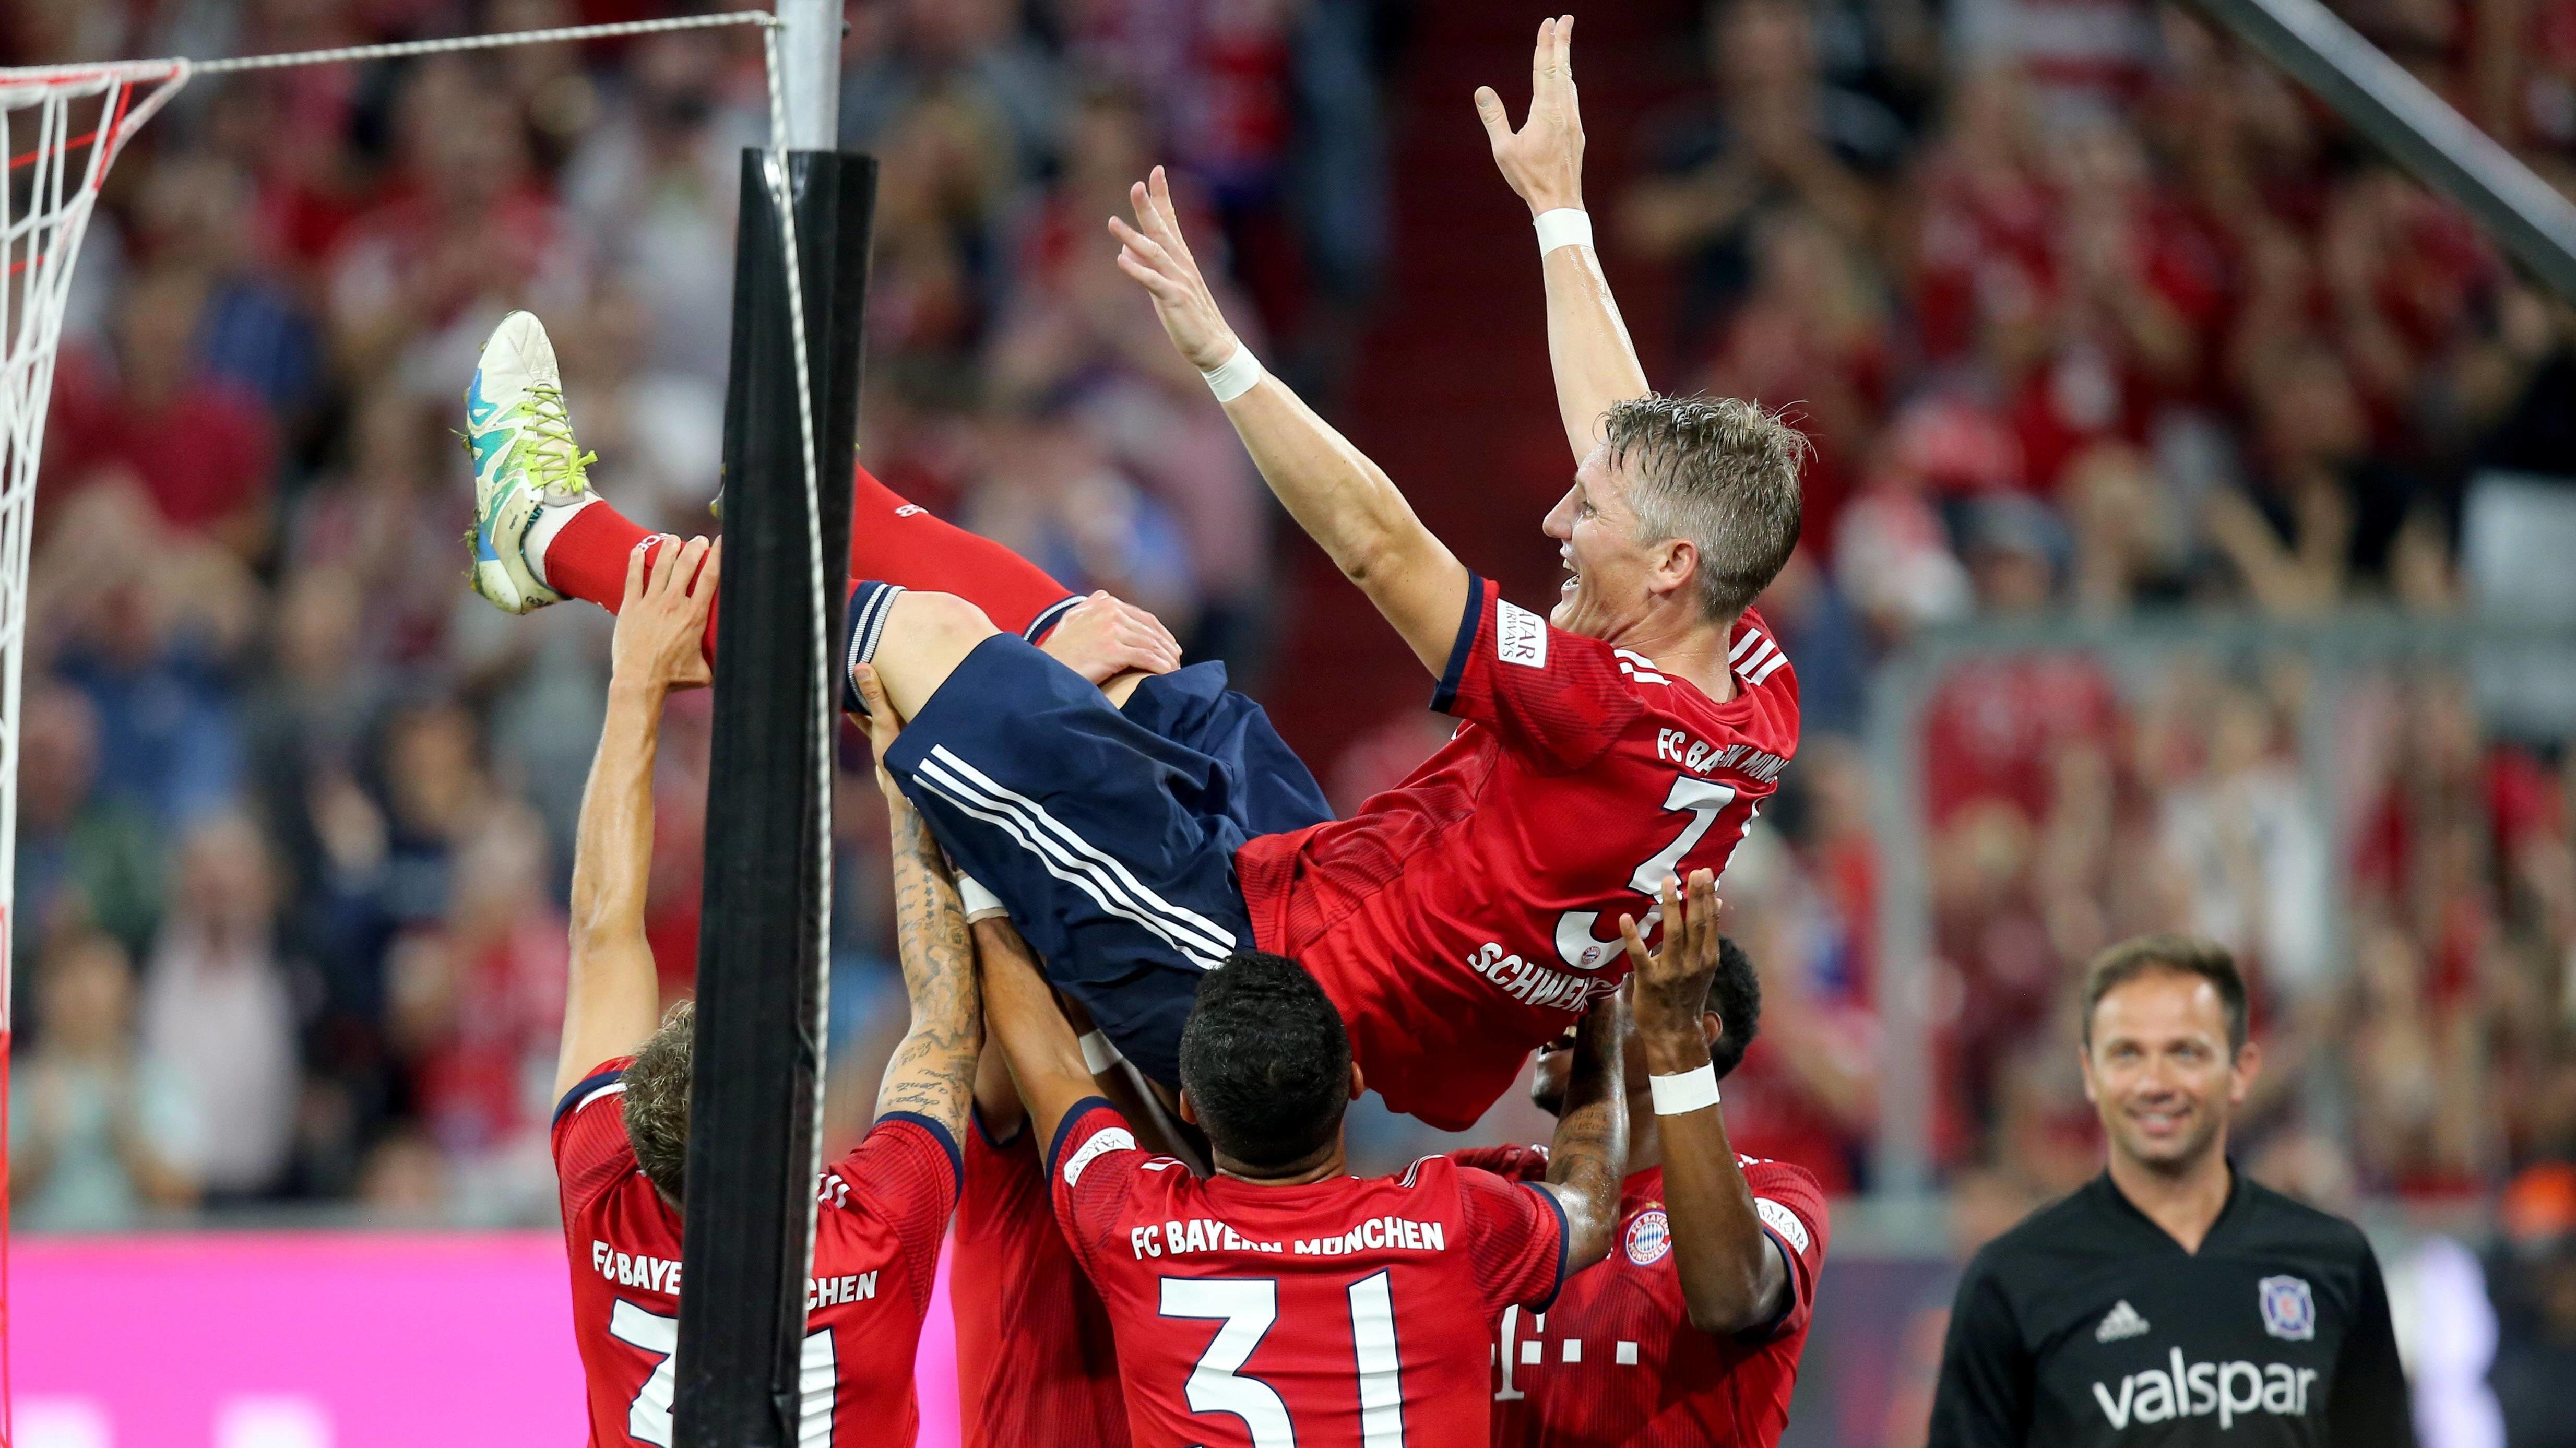 FC-Bayern-Spieler und Bastian Schweinsteiger